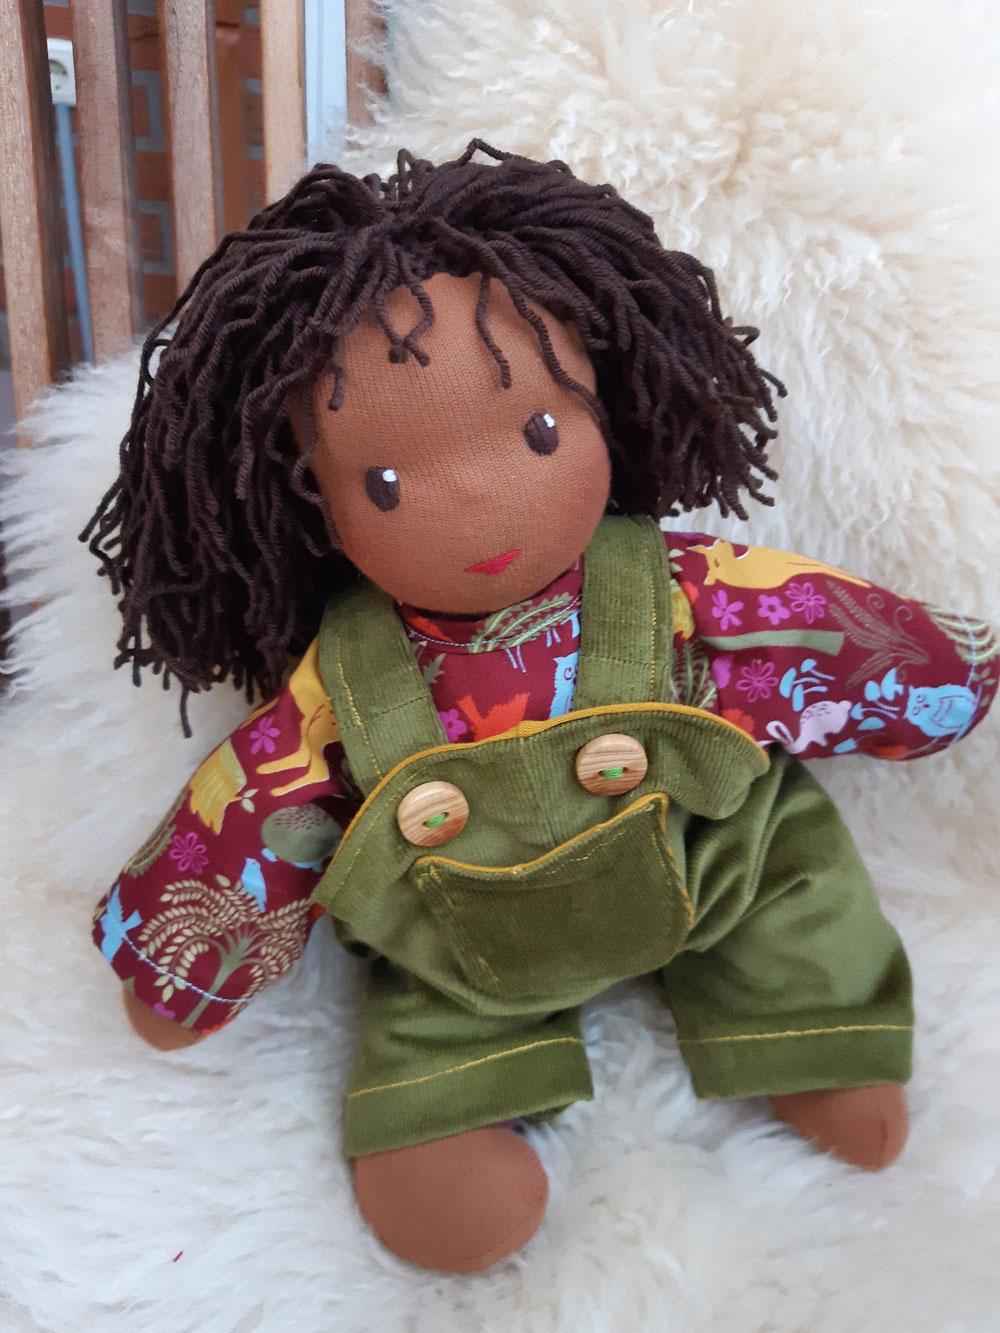 Bio-Stoffpuppe, individuelle Puppe passend zum Kind, Waldorfart, schwarze Puppe, Empowerment, genderneutral, Erziehung, Wunschpuppe, ökologische Kinderpuppe, bio-fair, ökofairliebt, Selbstakzeptanz, Naturmaterial, Puppenhandwerk, erste Puppe, Schlamperle